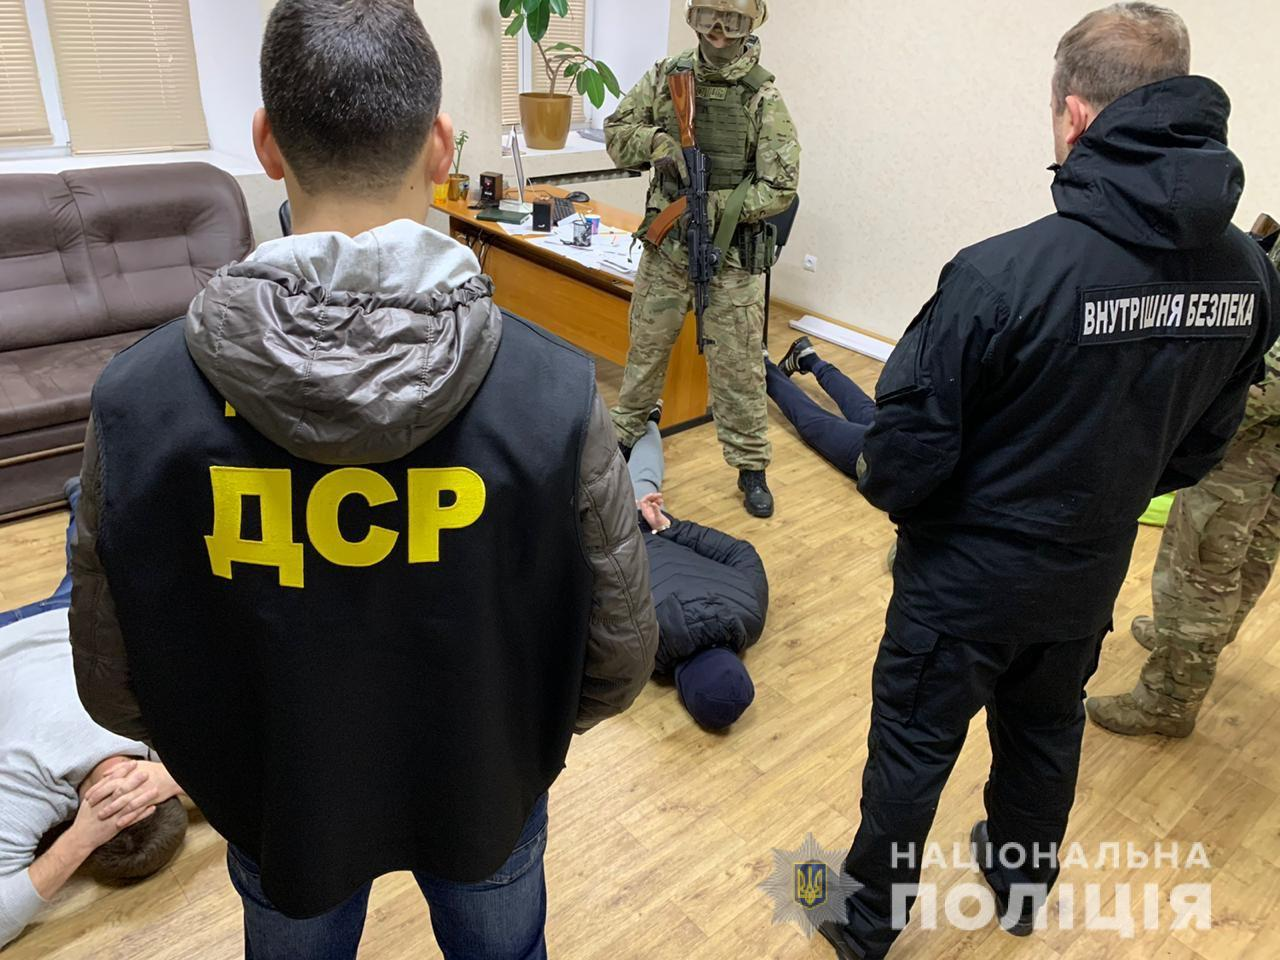 В Запорожье с БТРом задерживали банду: видео штурма